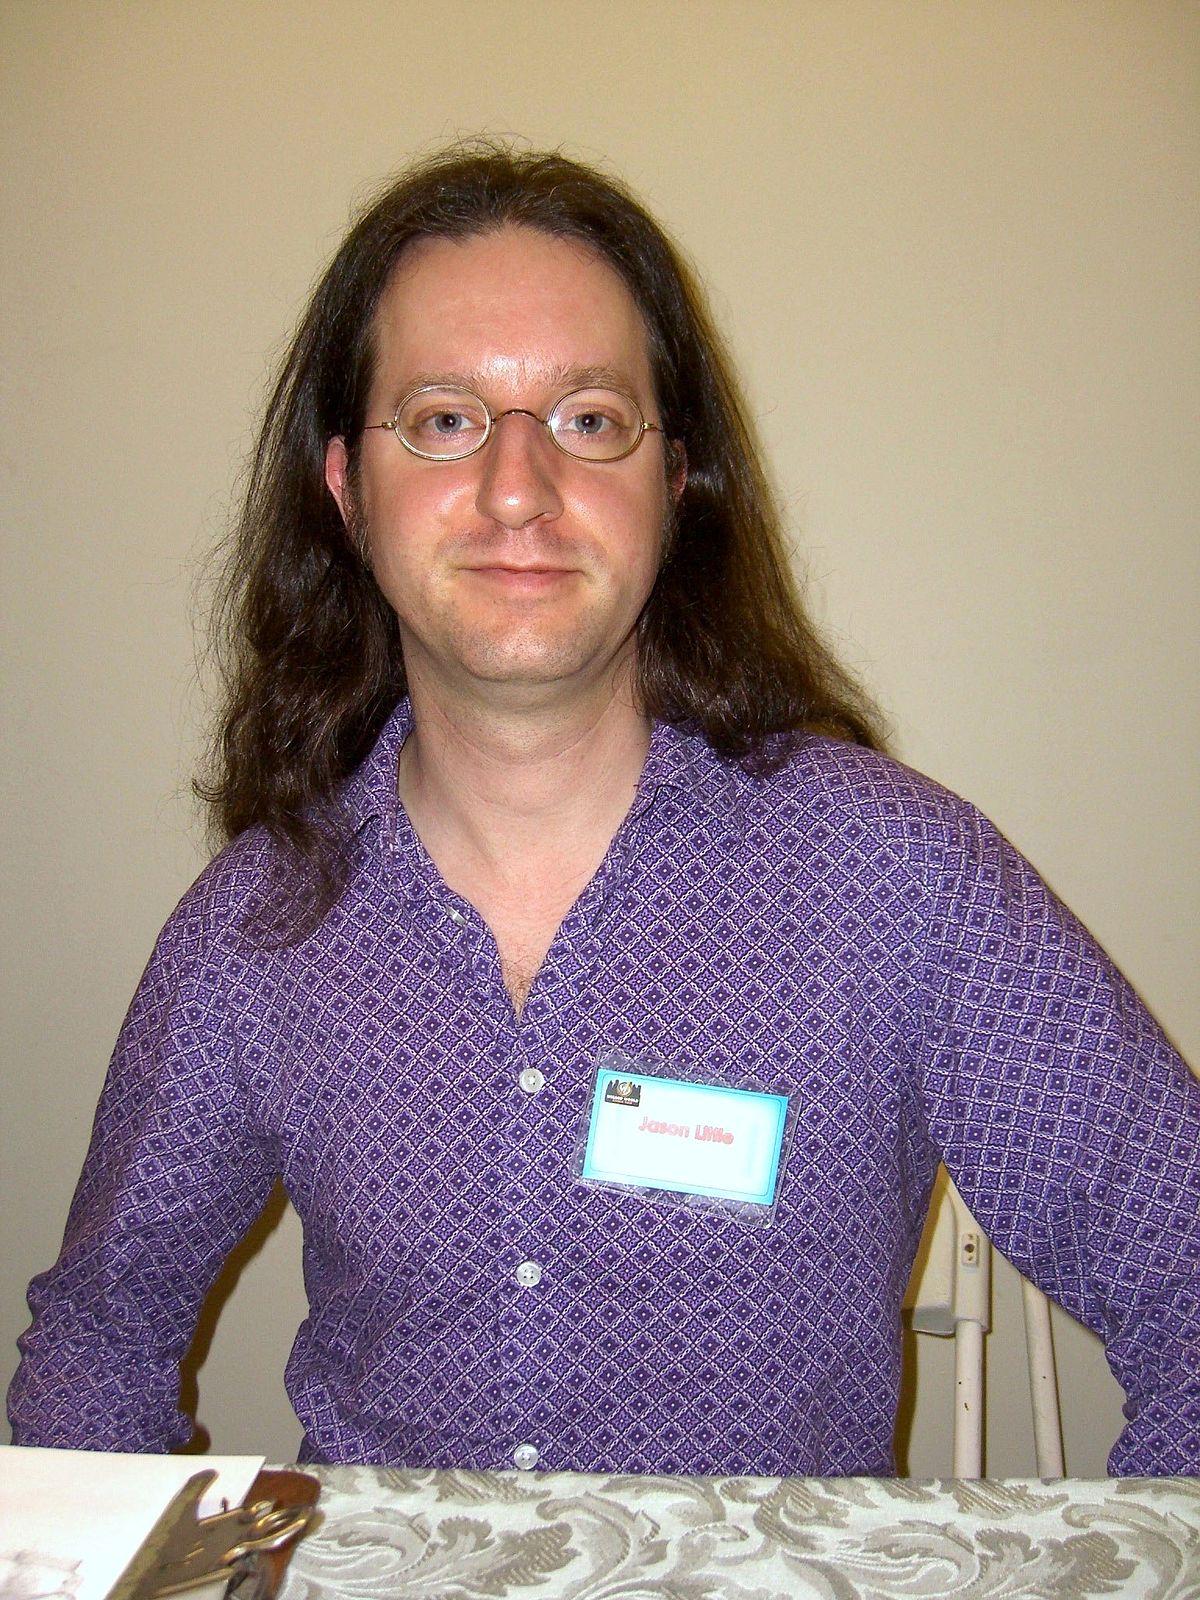 Jason Little Cartoonist Wikipedia